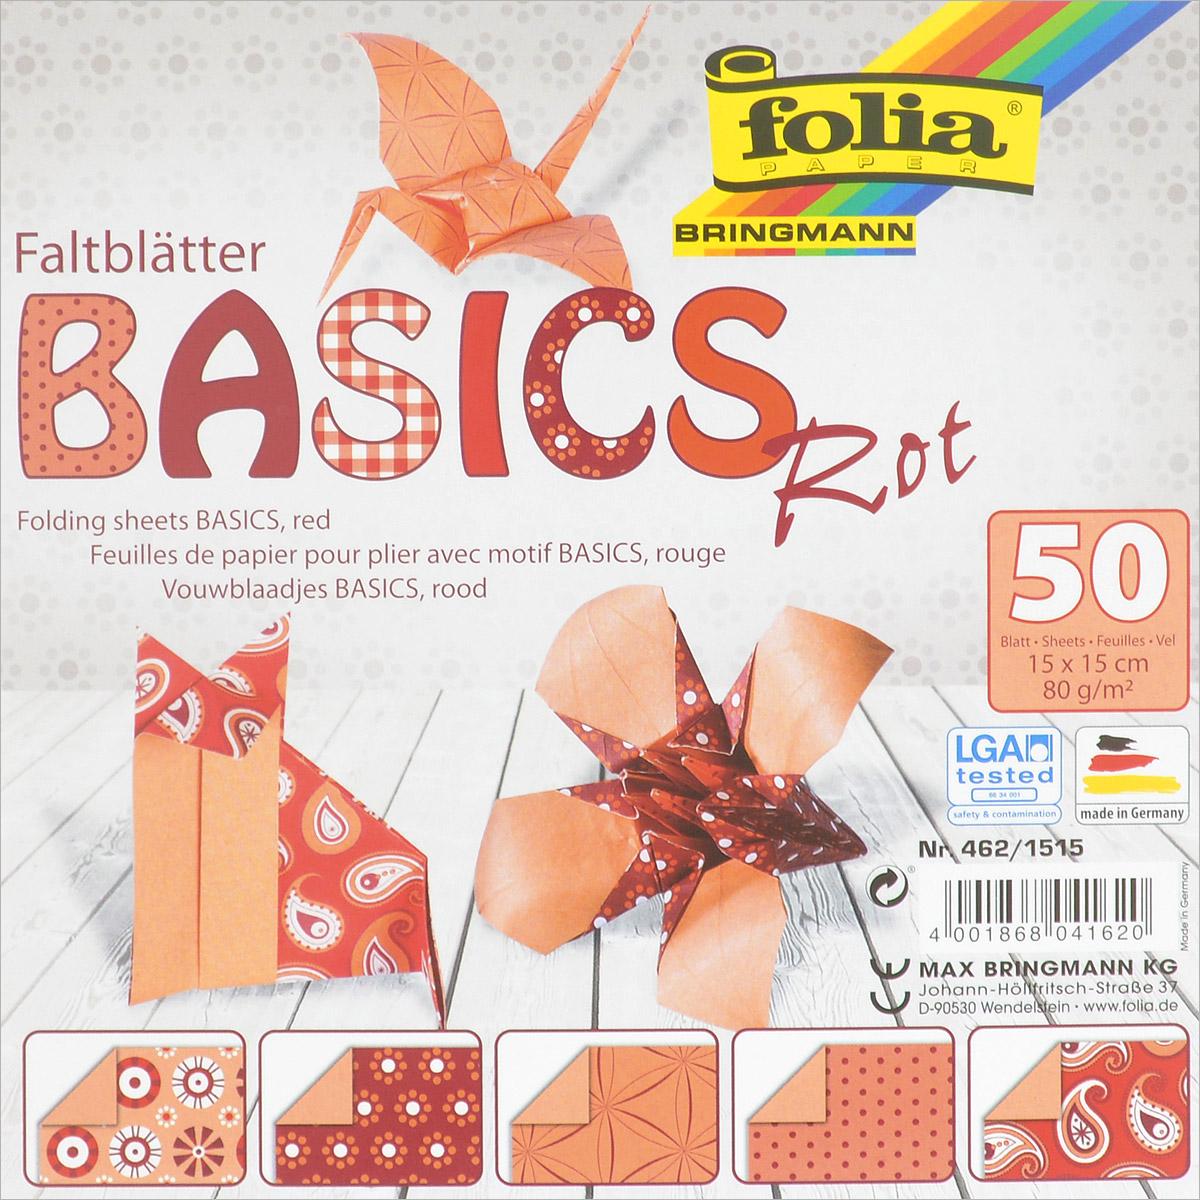 Бумага для оригами Folia, цвет: оранжевый, 15 см х 15 см, 50 листов19201Набор специальной цветной двусторонней бумаги для оригами Folia содержит 50 листов разных цветов, которые помогут вам и вашему ребенку сделать яркие и разнообразные фигурки. В набор входит бумага пяти разных дизайнов. С одной стороны - бумага однотонная, с другой - оформлена оригинальными узорами и орнаментами. Эти листы можно использовать для оригами, украшения для садового подсвечника или для создания новогодних звезд. При многоразовом сгибании листа на бумаге не появляются трещины, так как она обладает очень высоким качеством. Бумага хорошо комбинируется с цветным картоном.За свою многовековую историю оригами прошло путь от храмовых обрядов до искусства, дарящего радость и красоту миллионам людей во всем мире. Складывание и художественное оформление фигурок оригами интересно заполнят свободное время, доставят огромное удовольствие, радость и взрослым и детям. Увлекательные занятия оригами развивают мелкую моторику рук, воображение, мышление, воспитывают волевые качества и совершенствуют художественный вкус ребенка.Плотность бумаги: 80 г/м2.Размер листа: 15 см х 15 см.